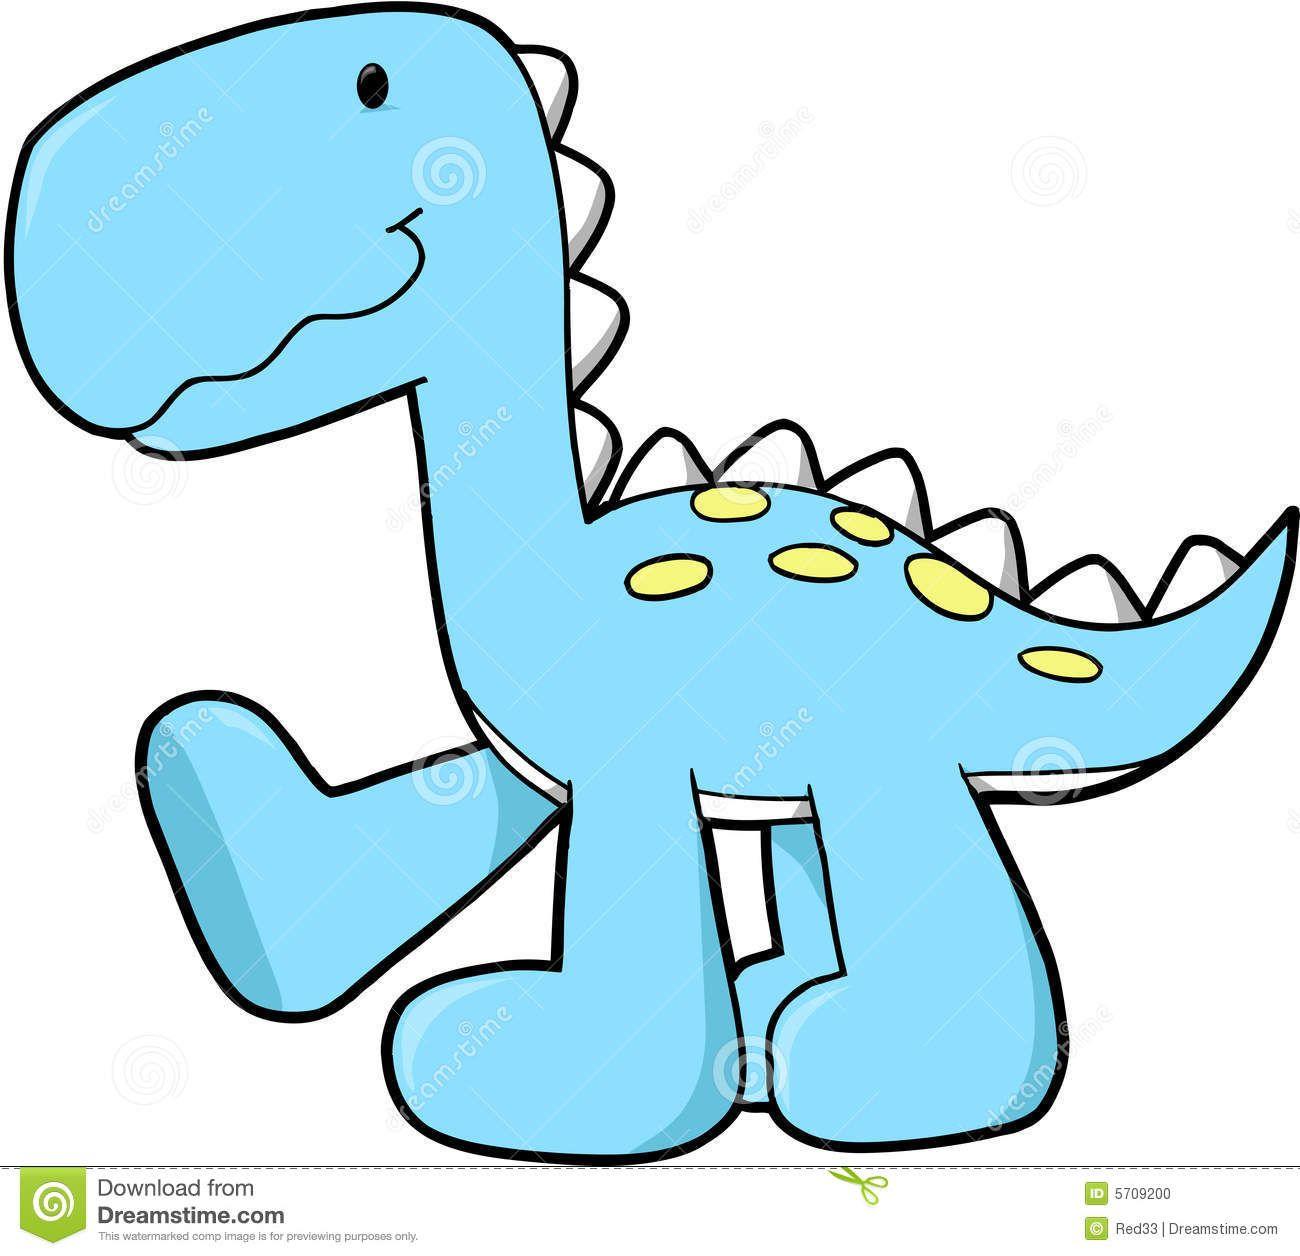 Cute Dinosaur Free Clipart.